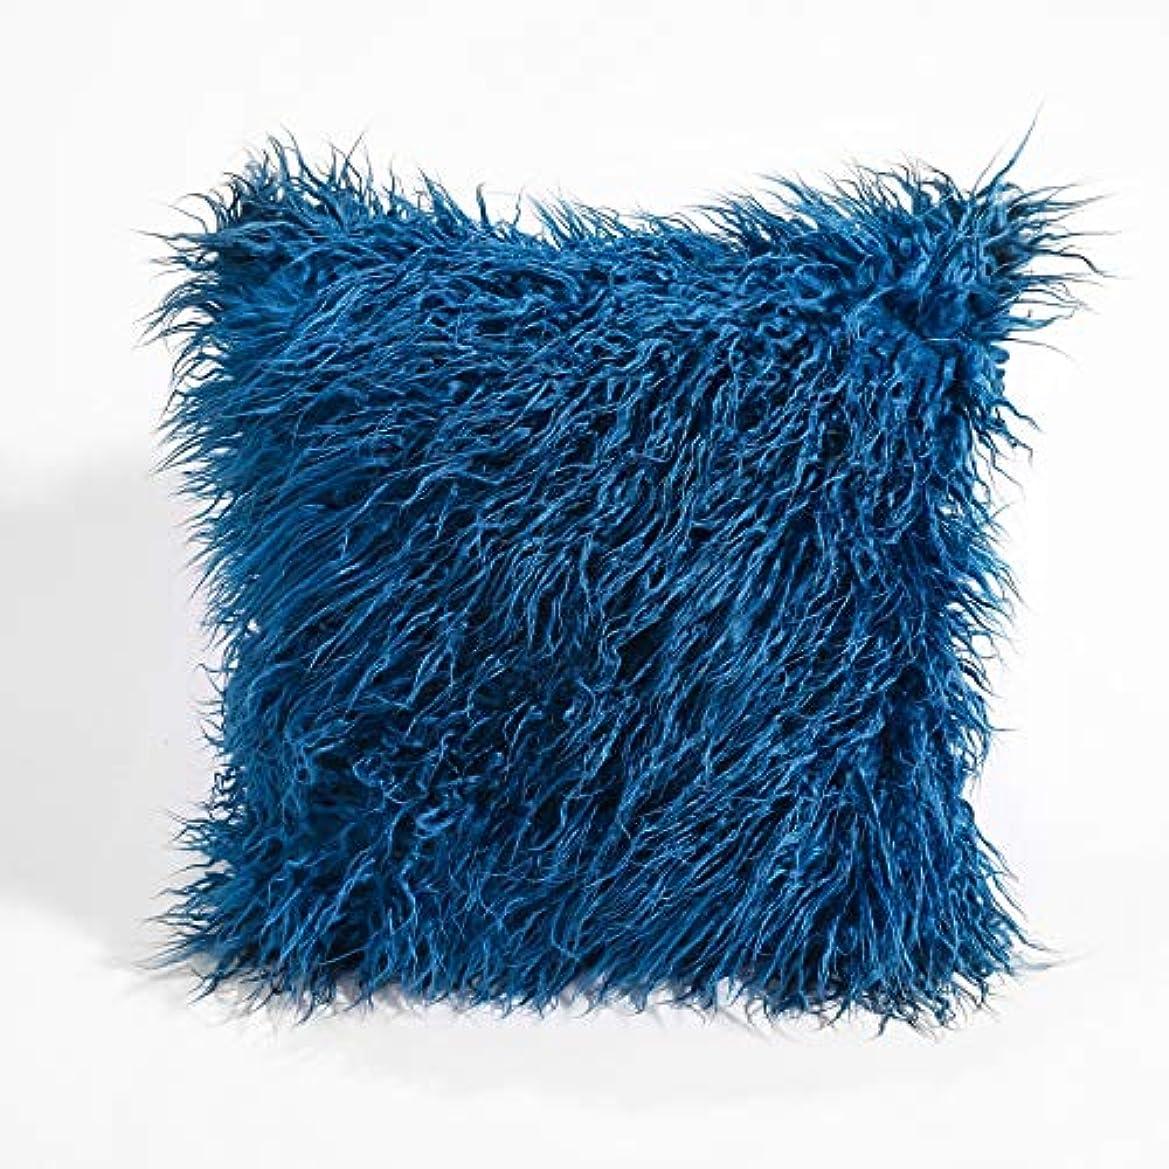 ワゴン火山学社説LVESHOP 装飾的な新しい高級シリーズメリノスタイルブラックフェイクファースローピローケースクッションカバー(5パック) (色 : 青, Size : 5 pack)